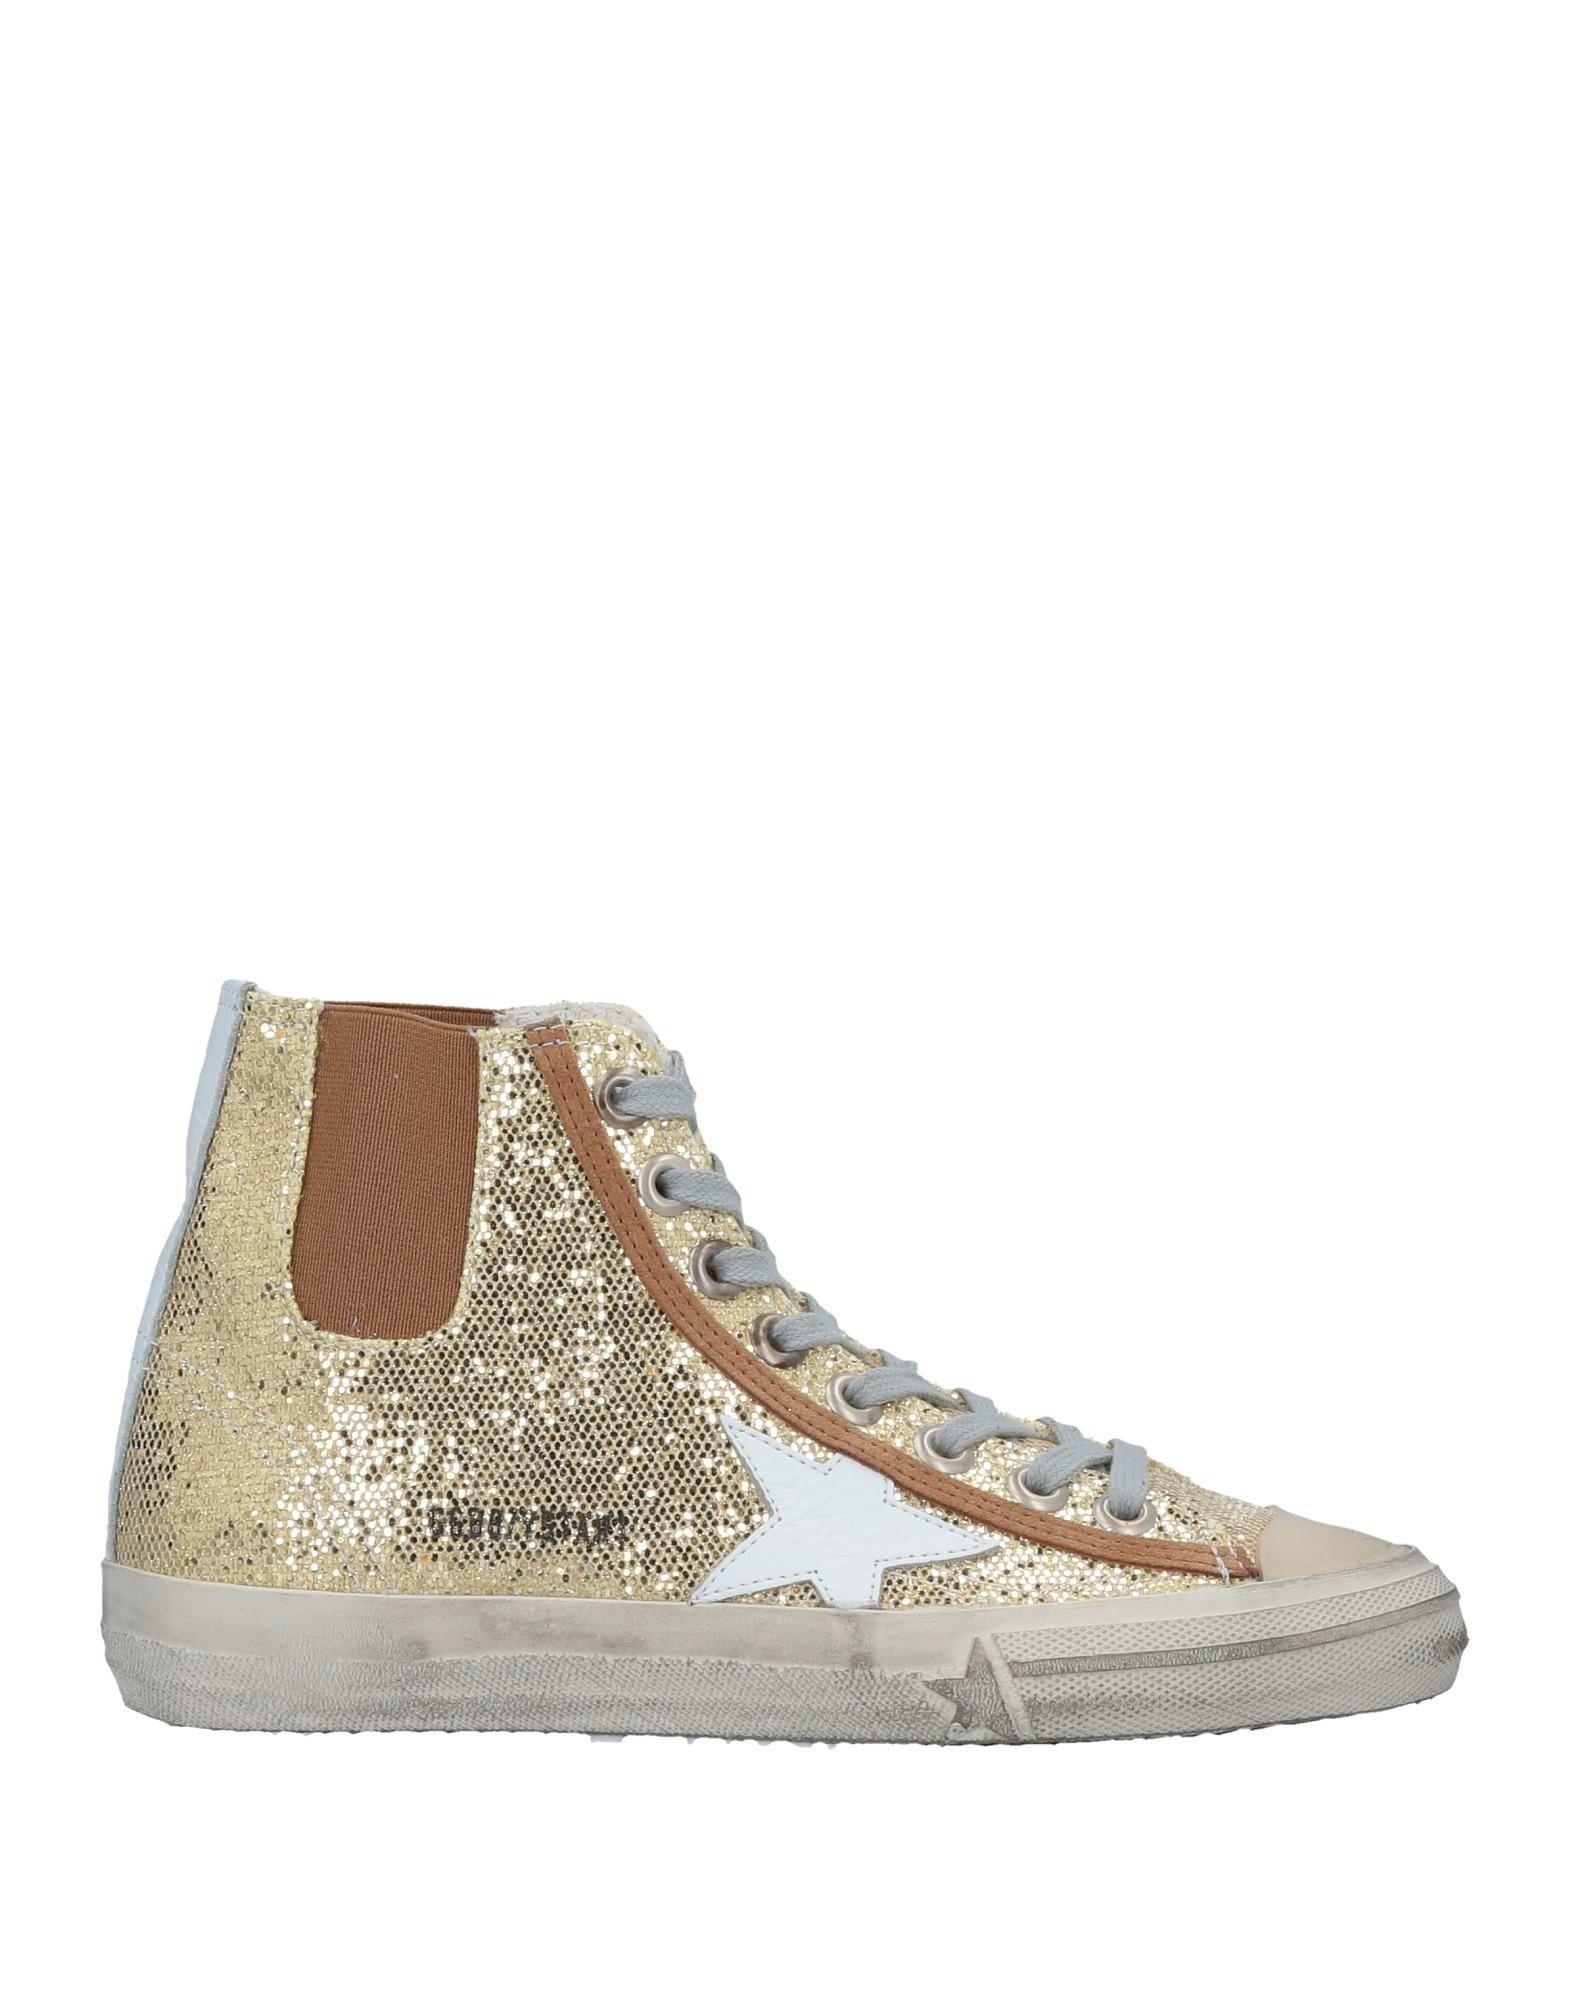 Golden Goose Deluxe Brand Sneakers - Women Golden online Goose Deluxe Brand Sneakers online Golden on  Canada - 11510130RR 8c4344